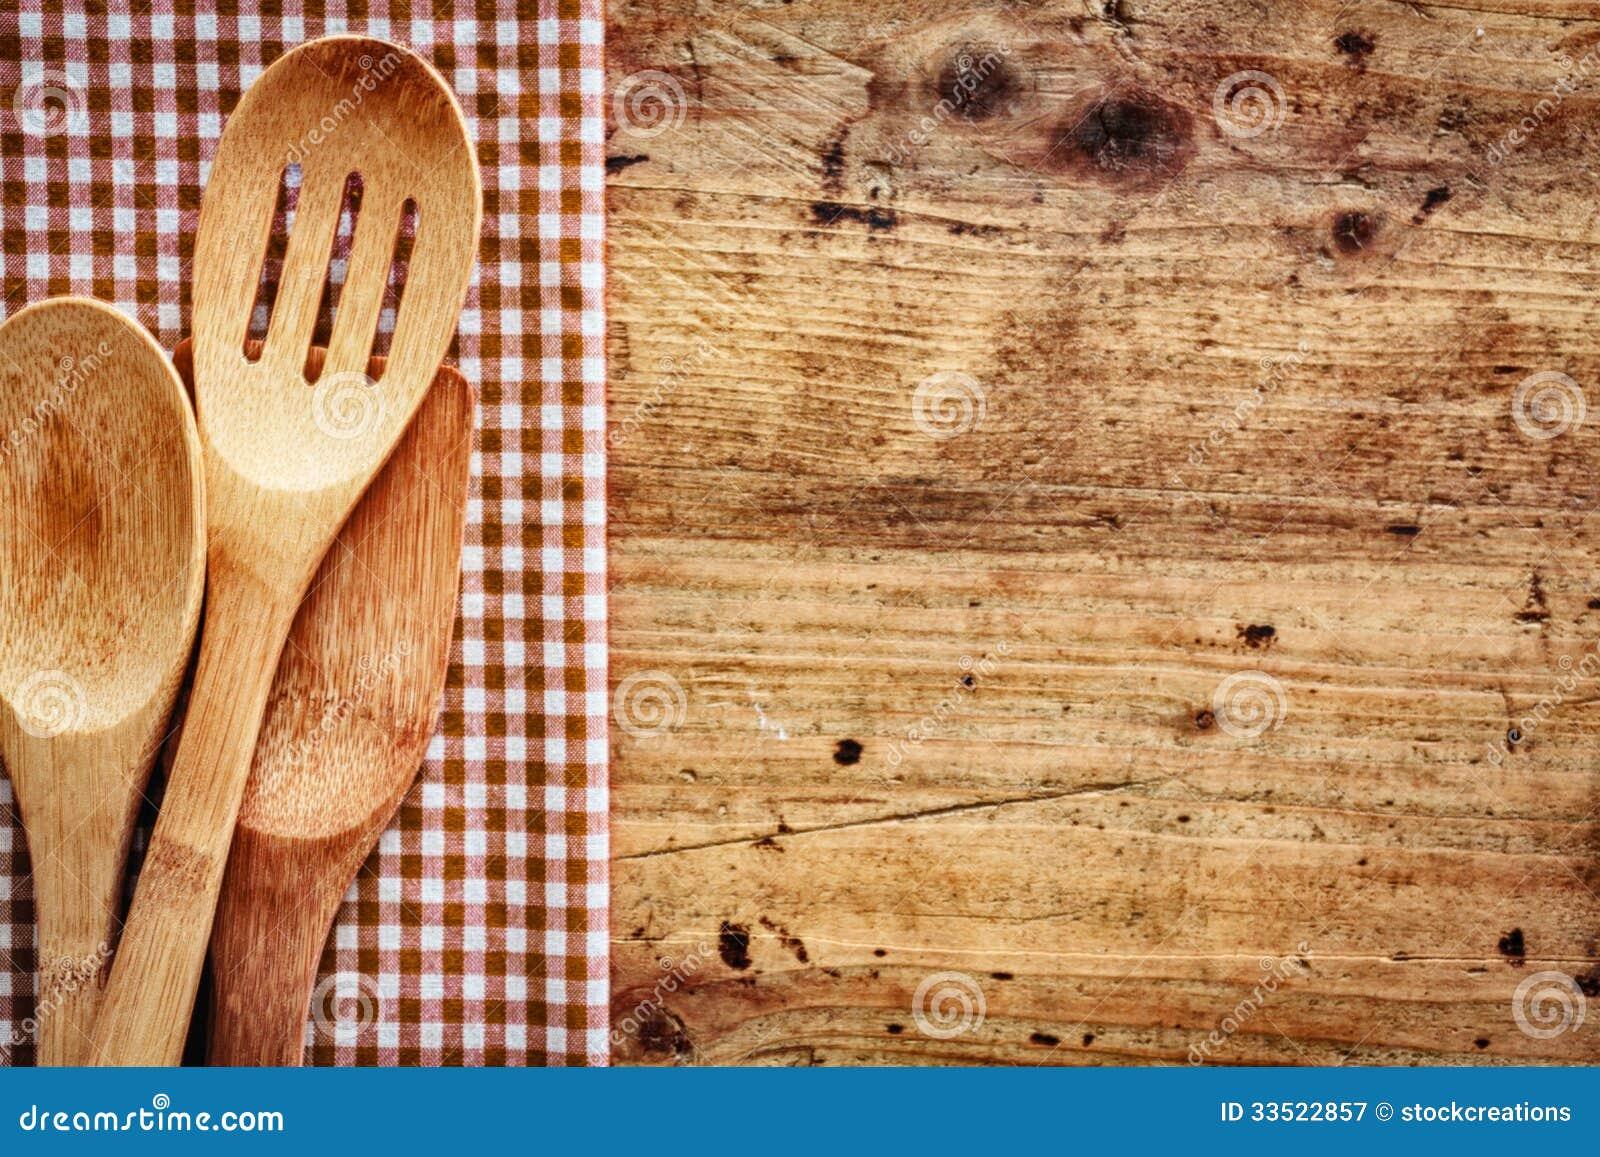 Fondo de madera con los utensilios de la cocina fotograf a for Utensilios de cocina fondo